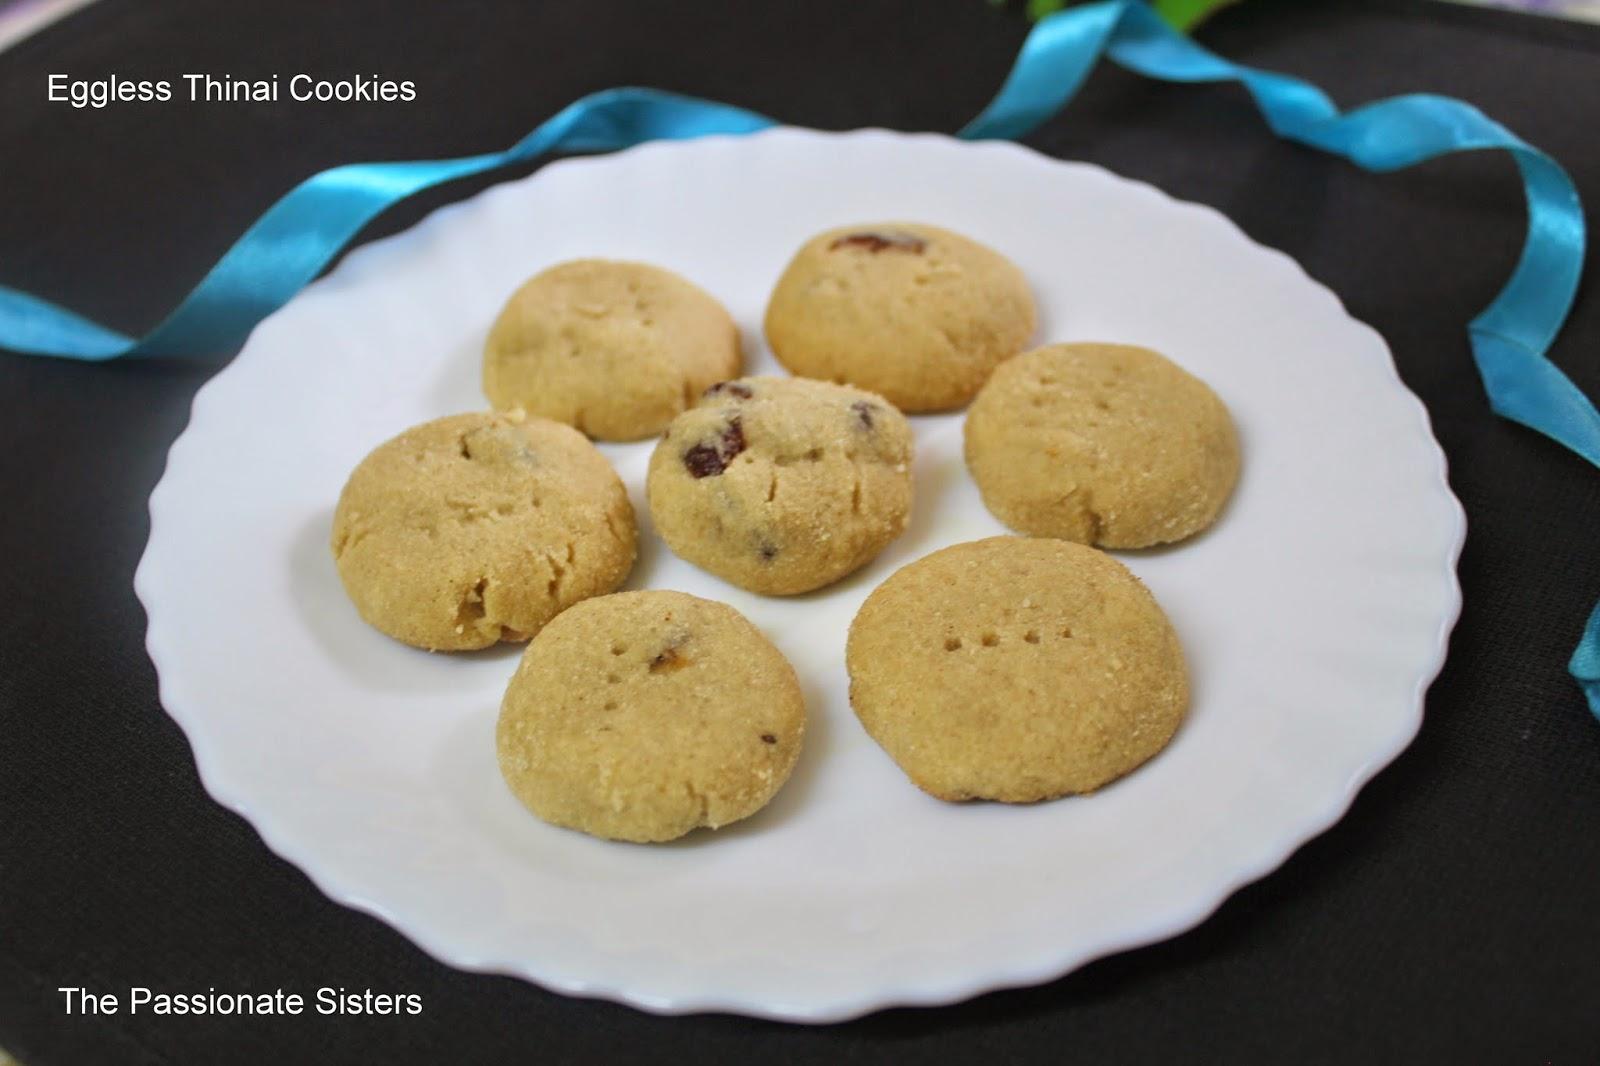 Thinai cookies